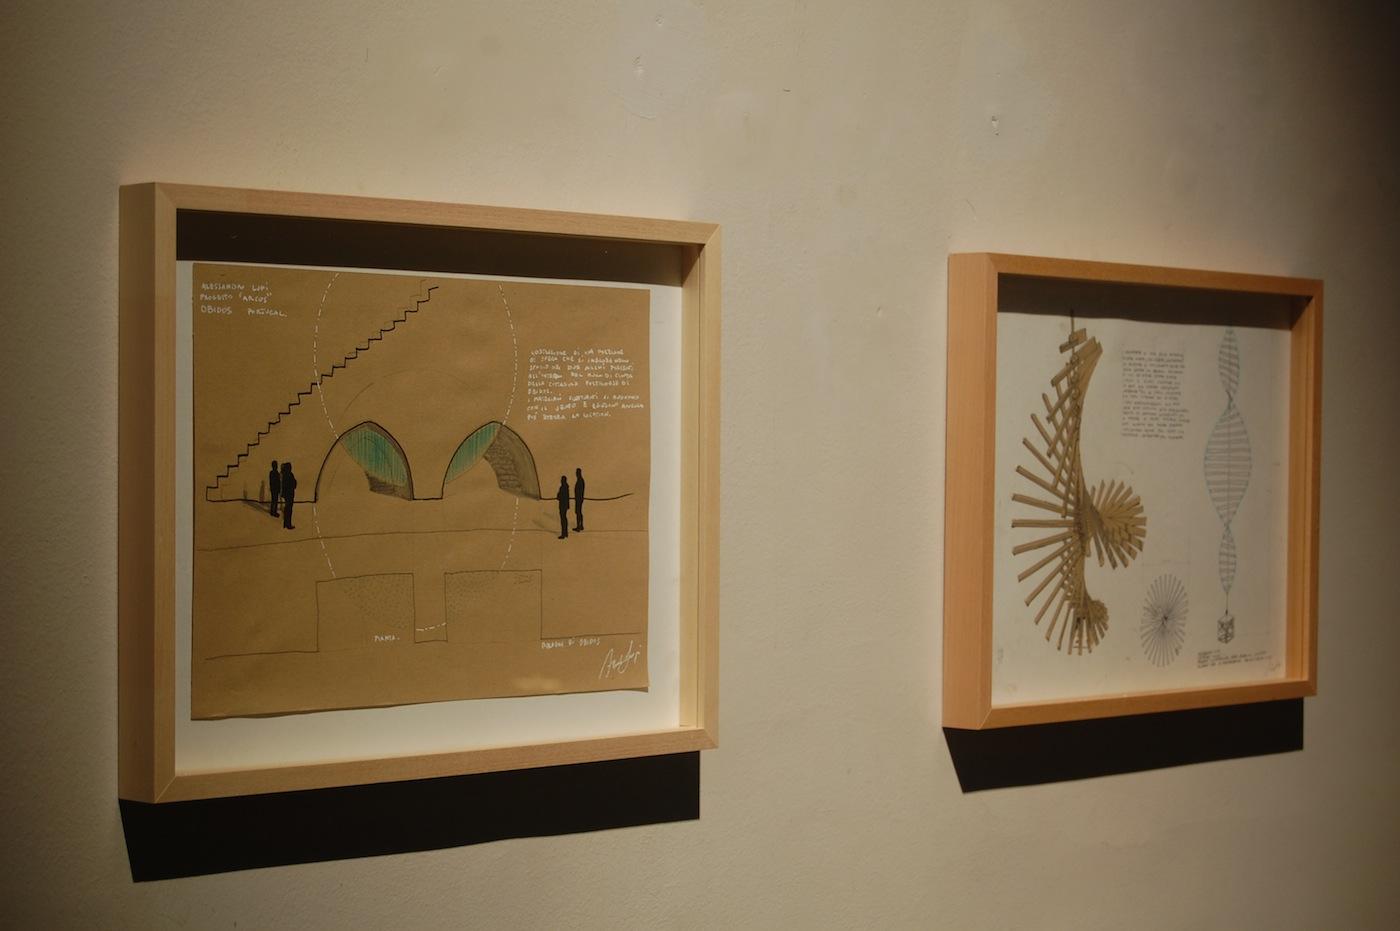 Alessandro Lupi, Lights and Shadows, veduta della mostra (progetti). Courtesy Guidi & Schoen, Genova